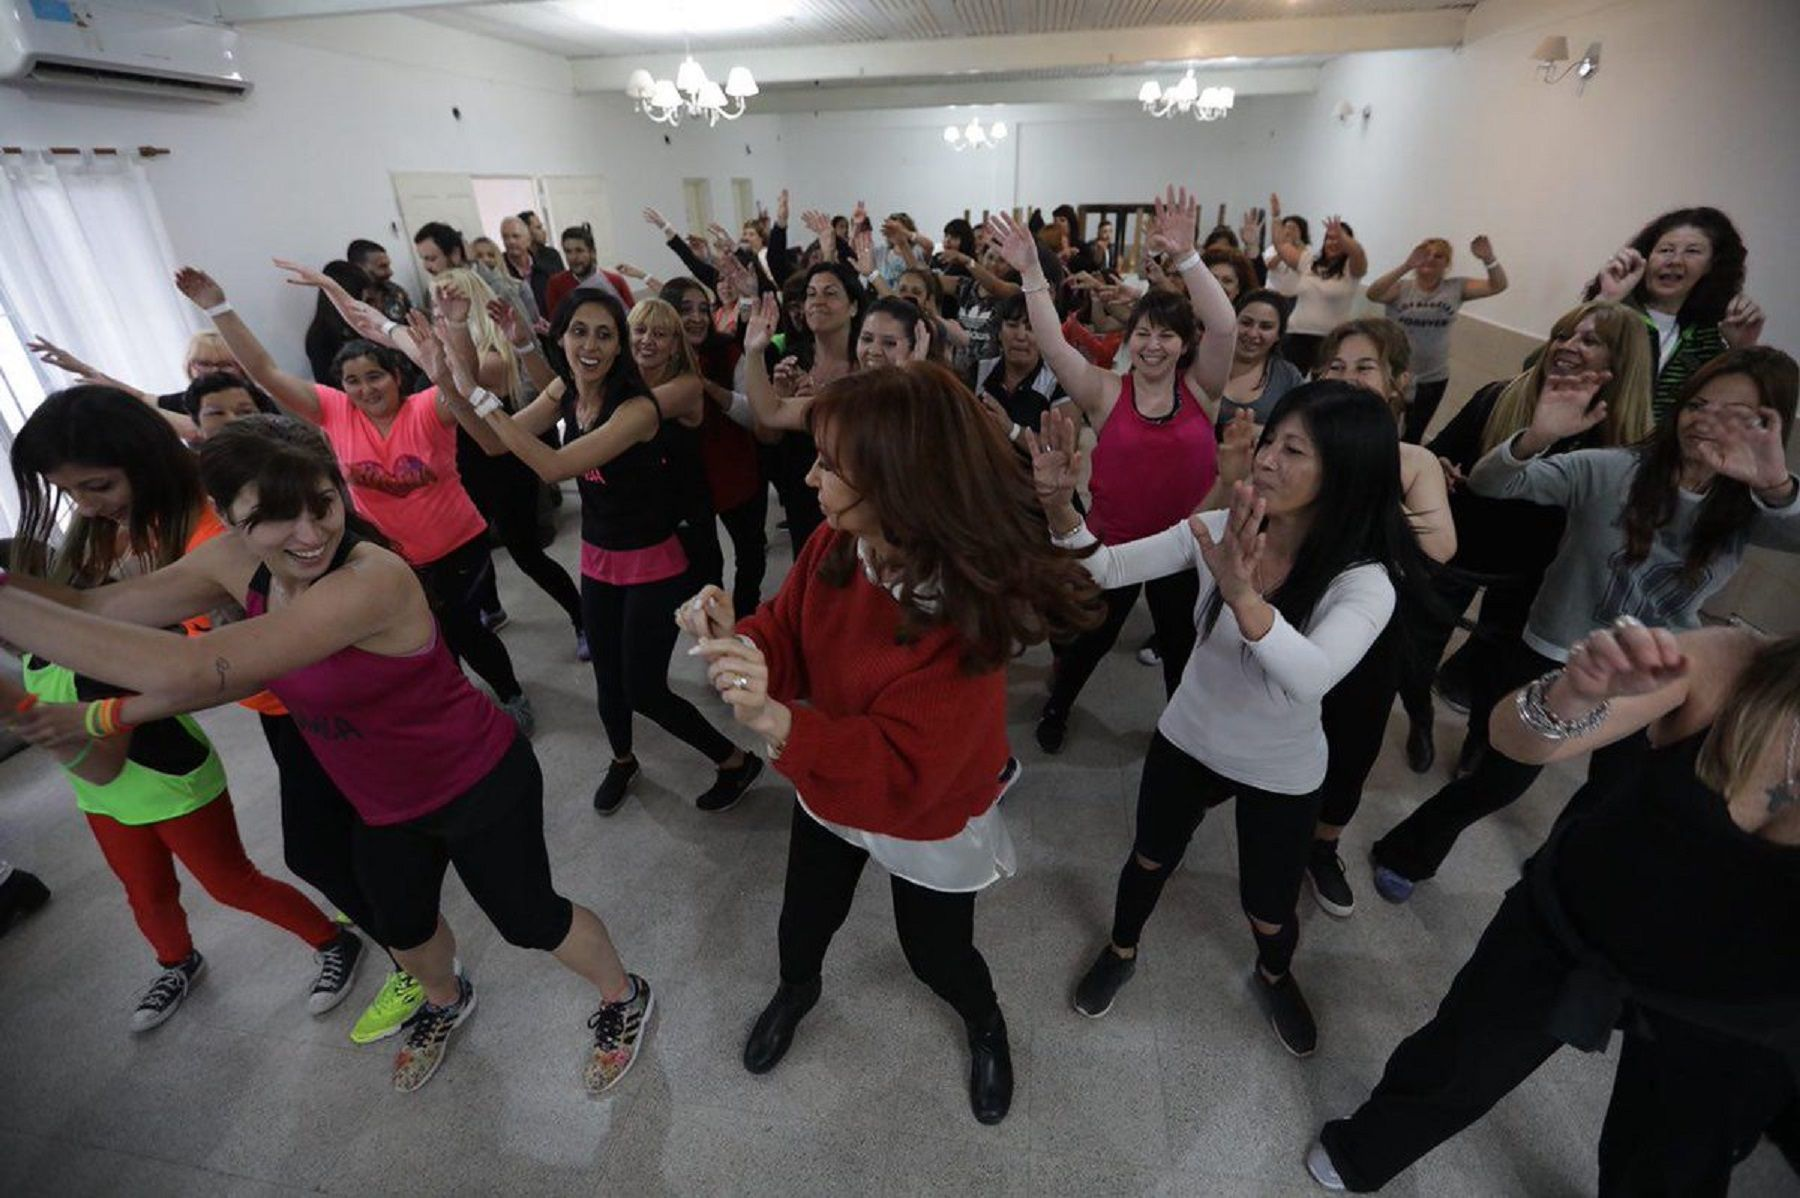 En campaña, Cristina Kirchner se animó a bailar zumba